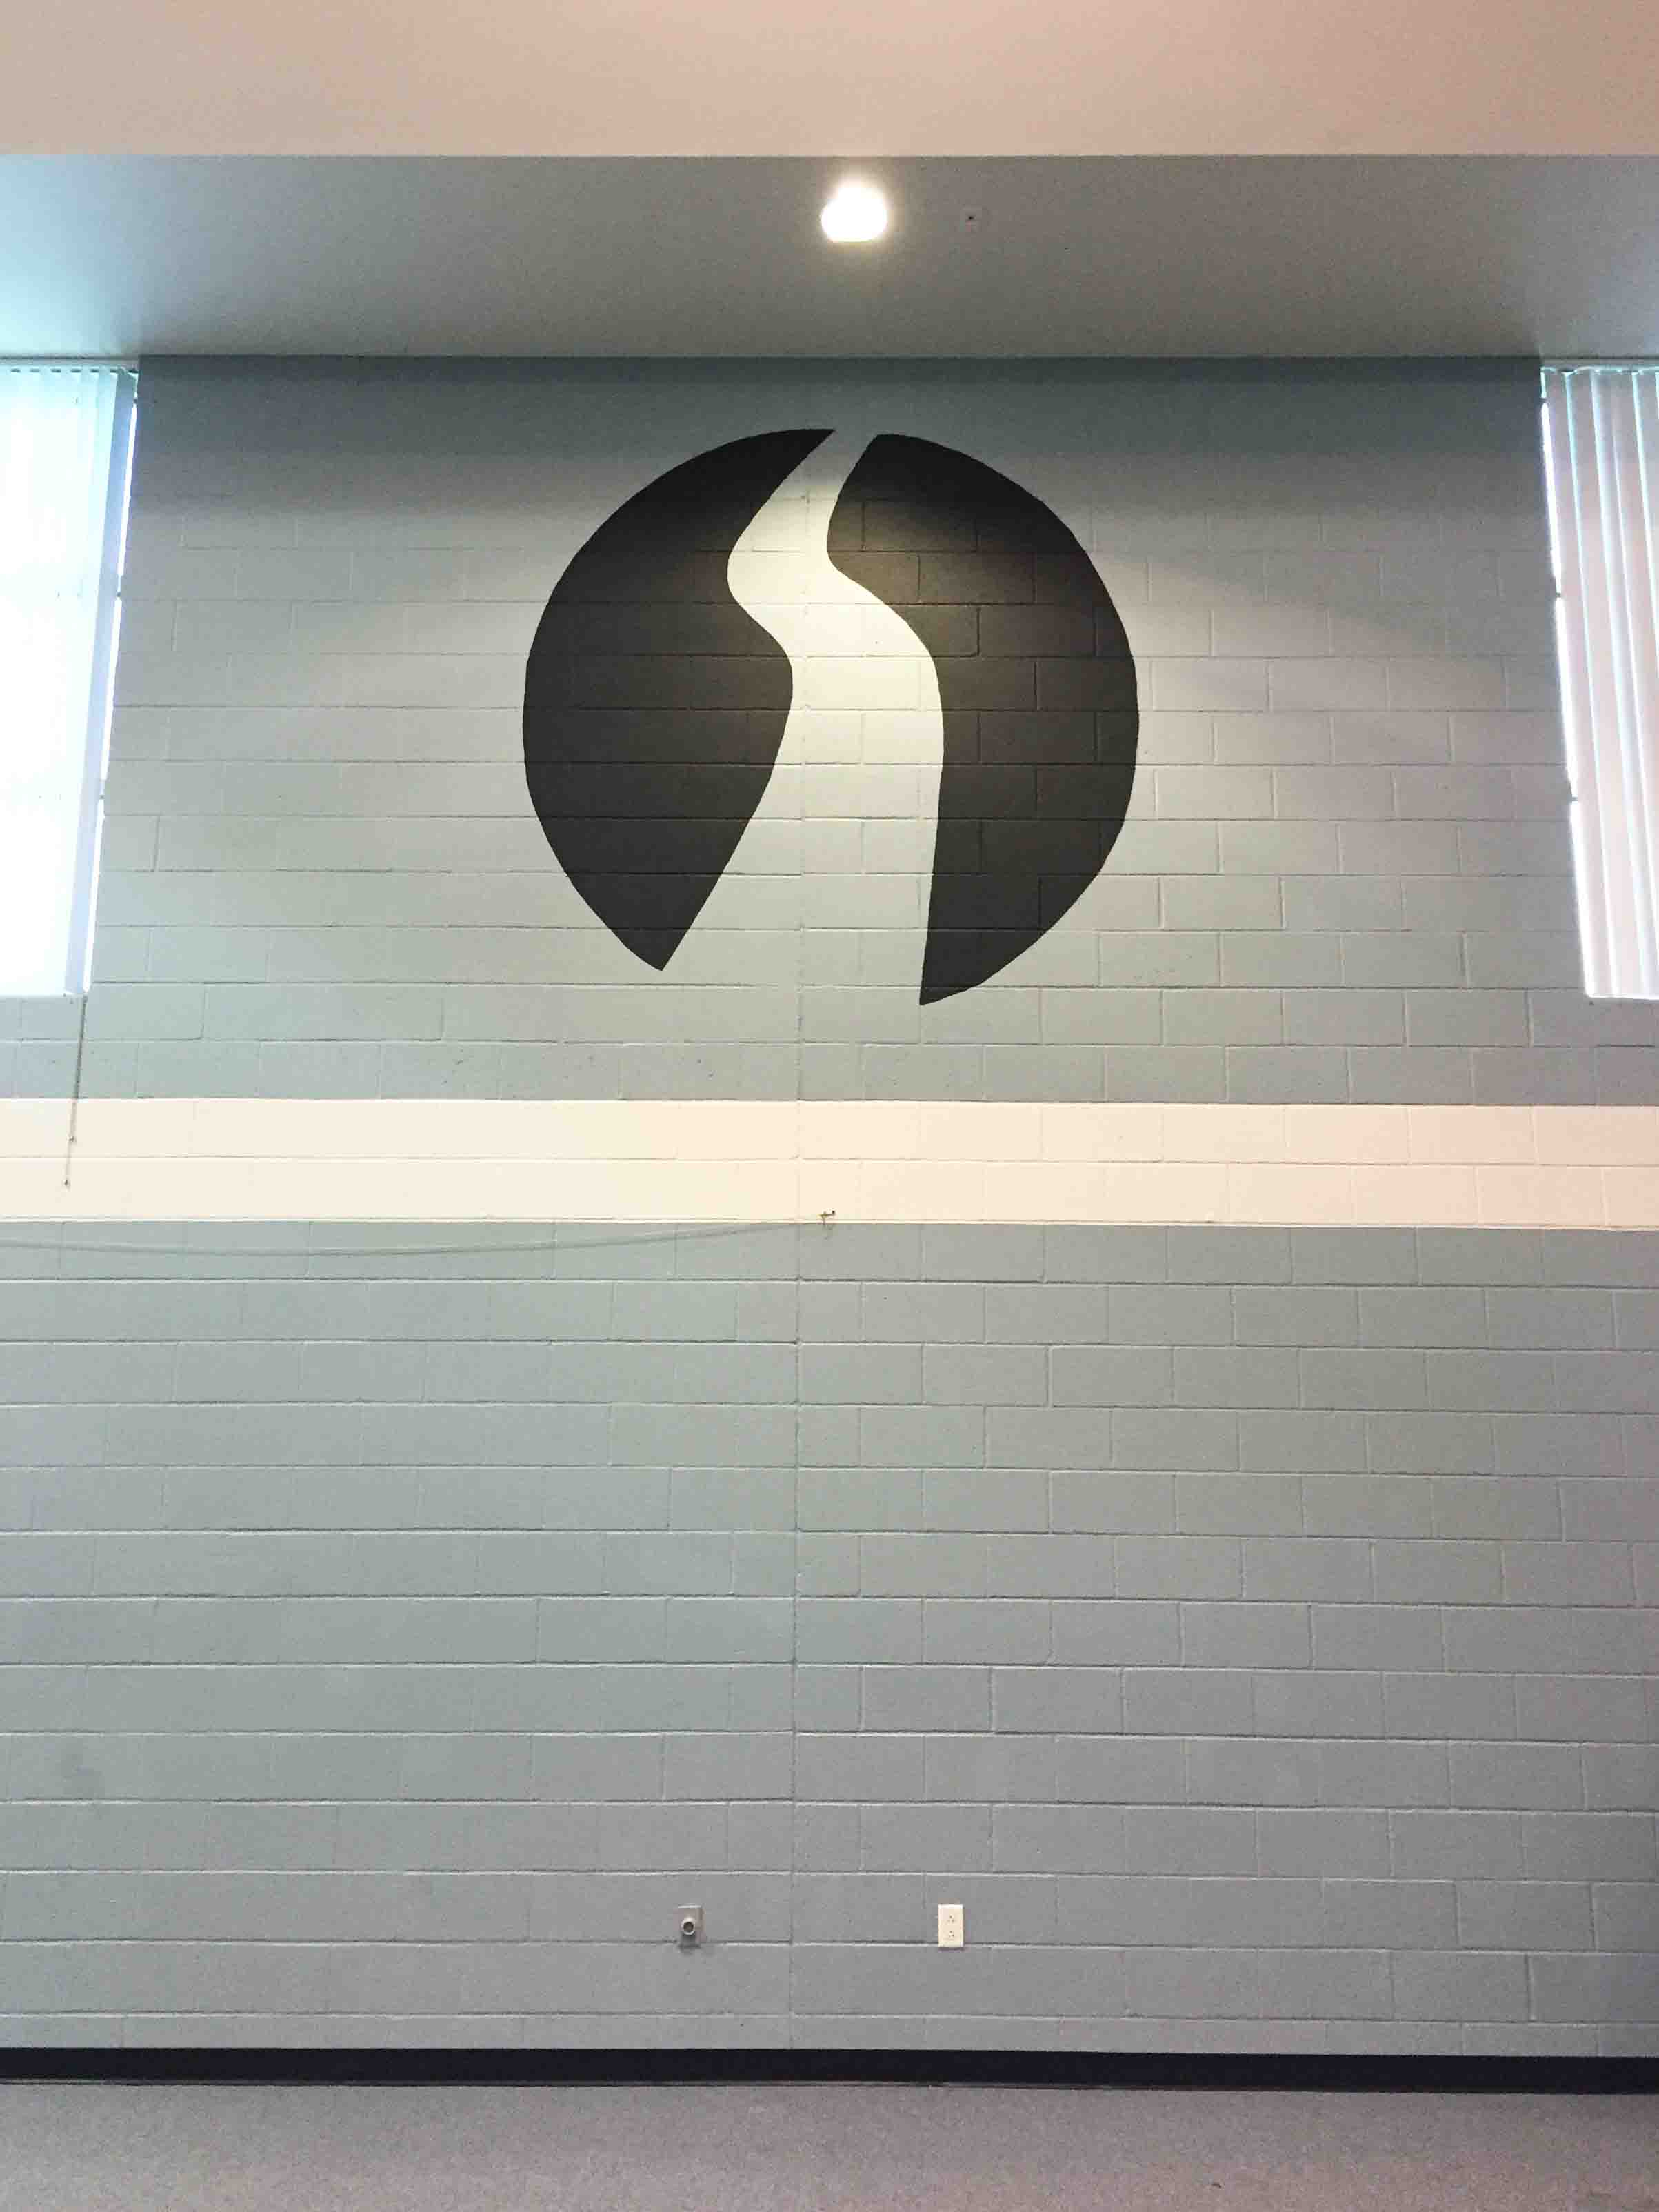 mural_me_logo2.jpg